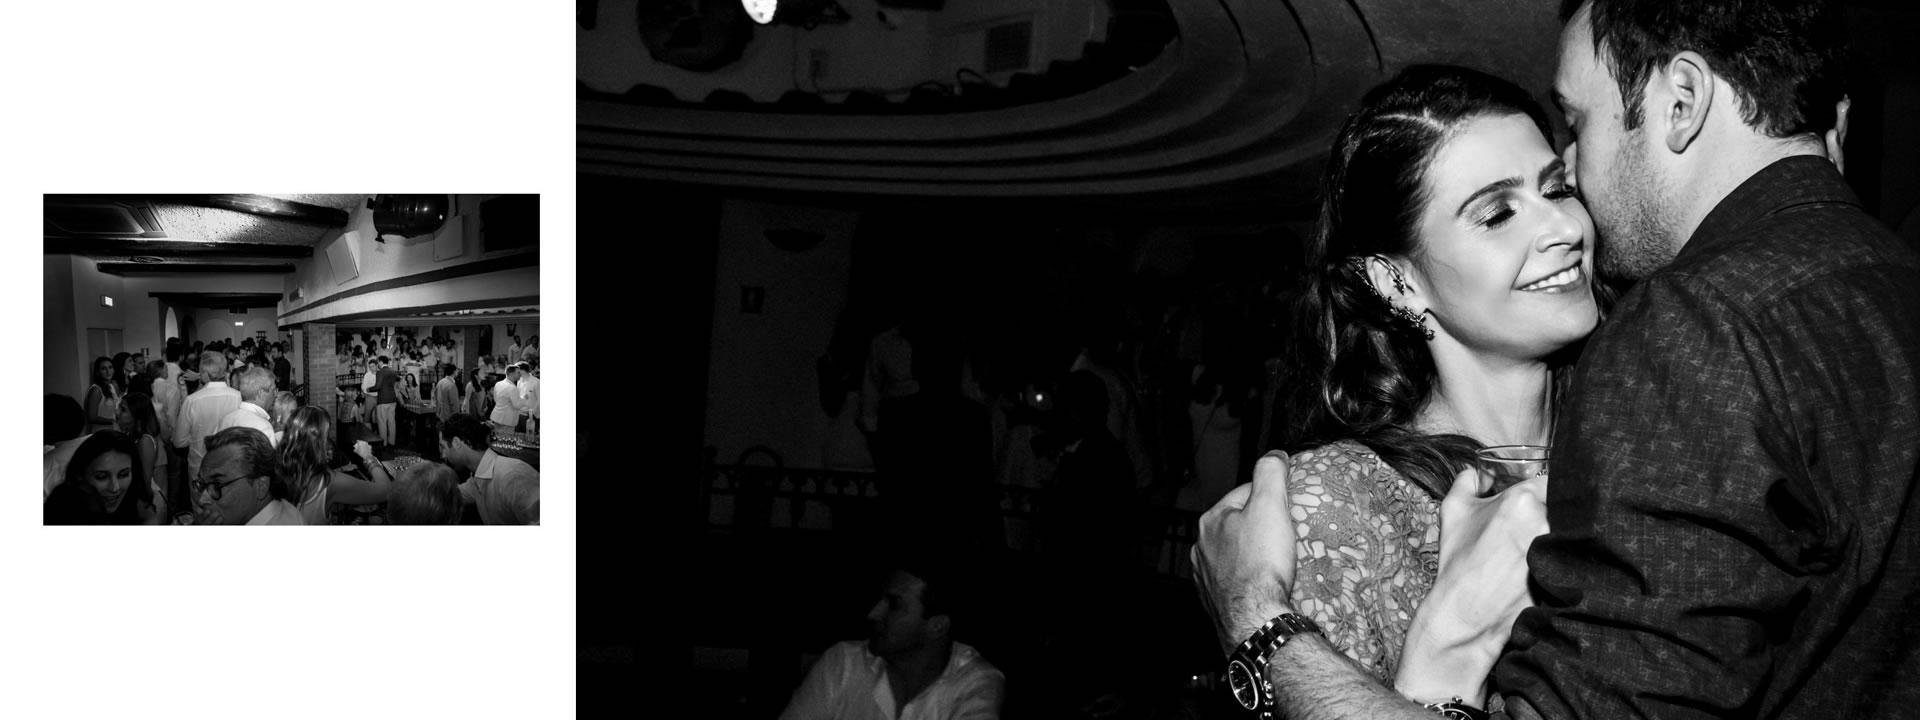 - 12 :: Jewish luxury wedding weekend in Capri :: Luxury wedding photography - 11 ::  - 12